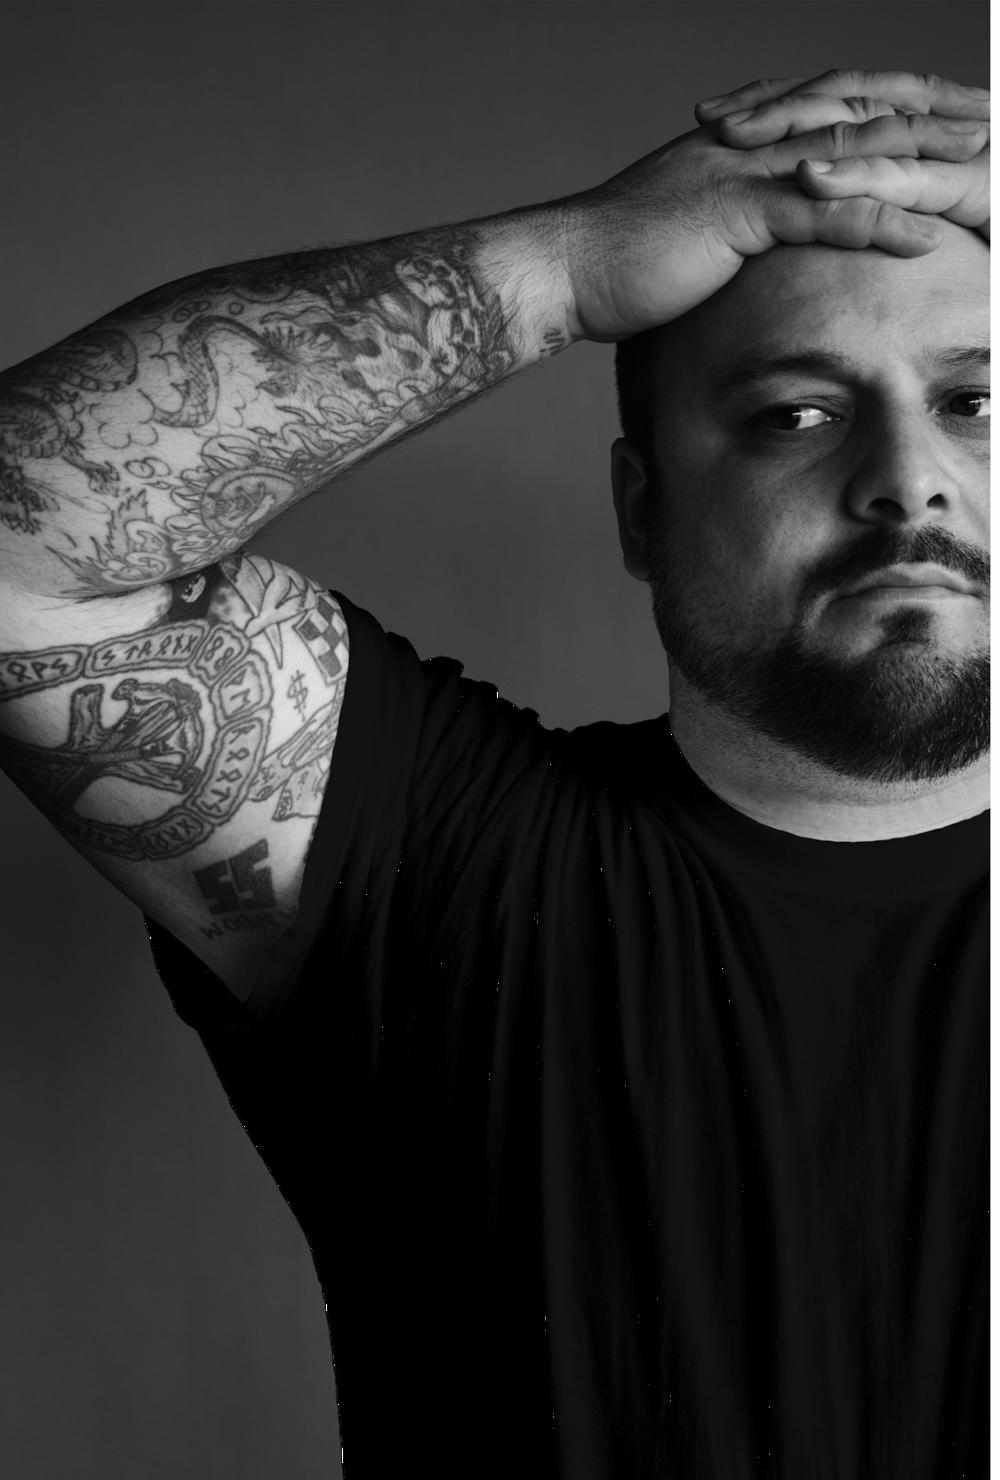 Christian Picciolini dnes. Ruky mu stále pokrývajú neonacistické tetovania.